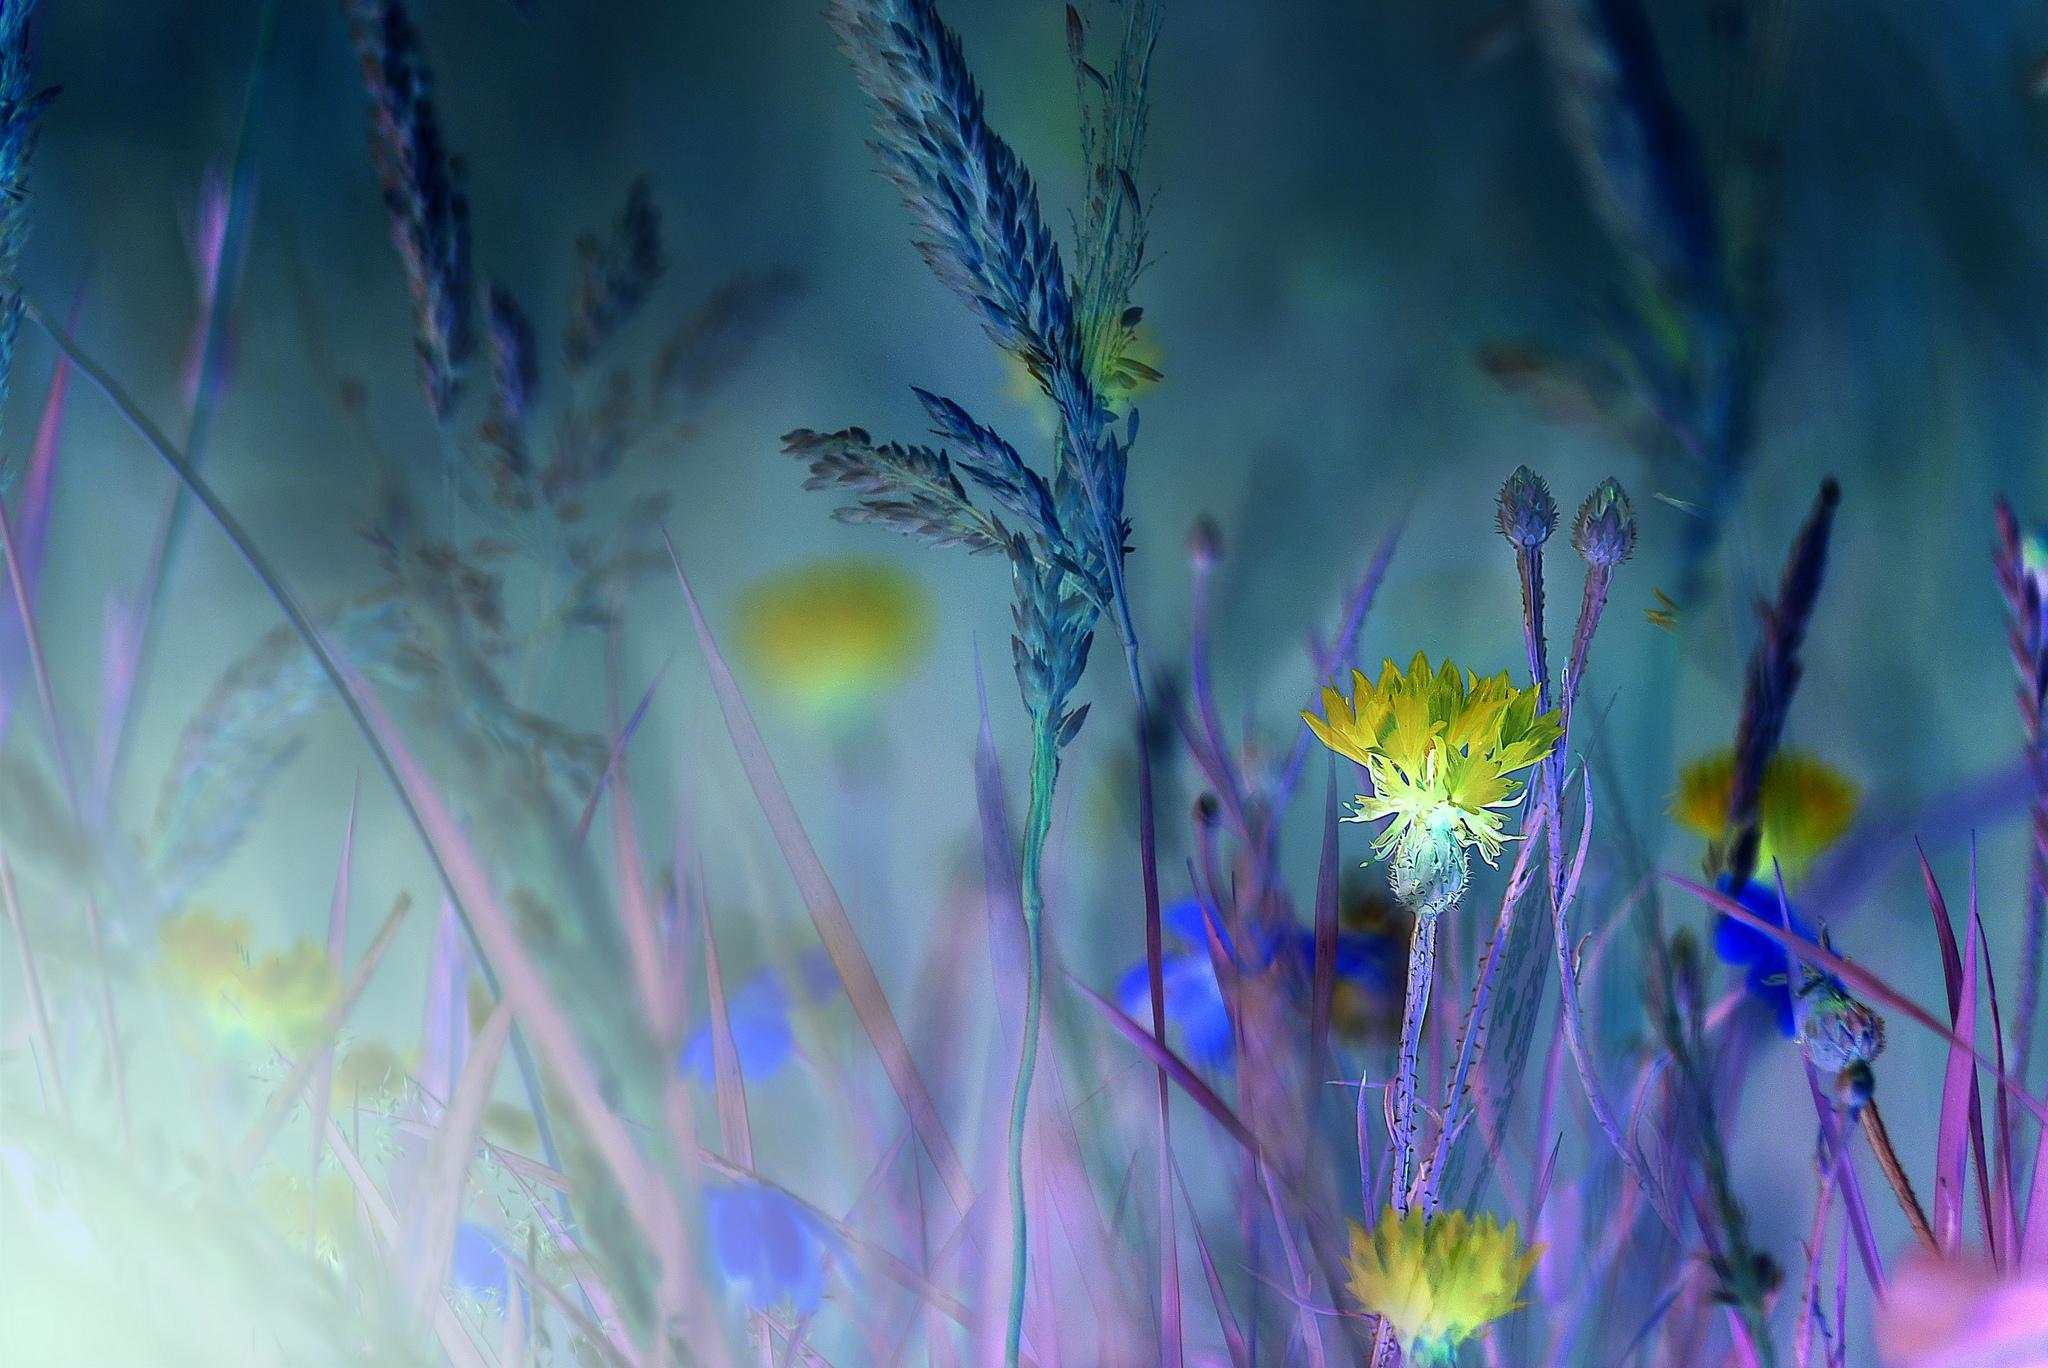 Обои В ночь на поле, трава, цветы, макро